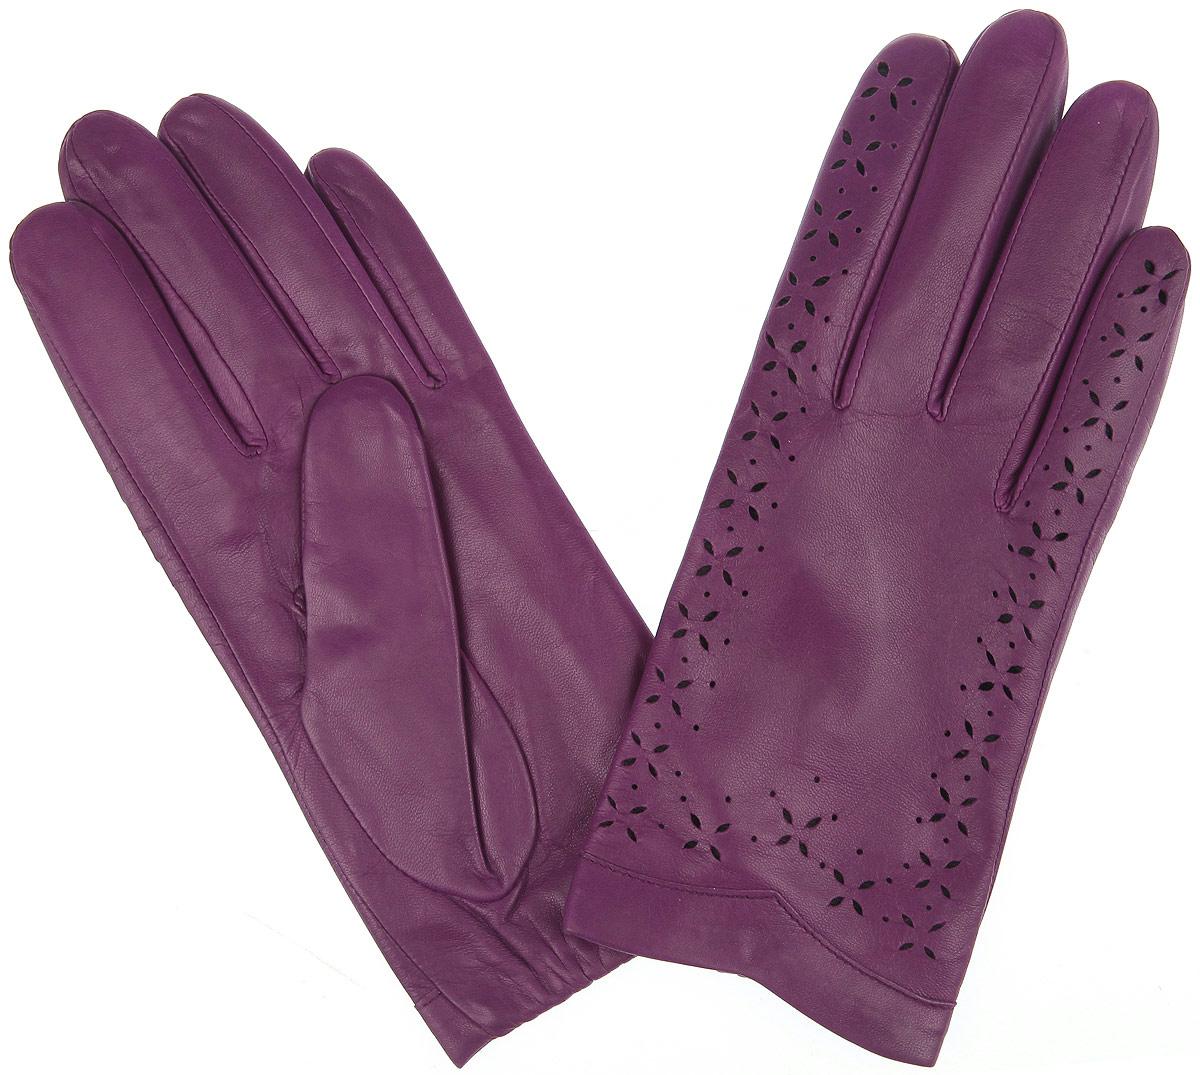 Перчатки4.8-8s emillionСтильные перчатки Fabretti с шелковой подкладкой выполнены из мягкой и приятной на ощупь натуральной кожи ягненка и оформлены декоративной перфорацией. Тыльная сторона манжета оснащена резинкой для оптимальной посадки модели на руке. Перчатки станут достойным элементом вашего стиля и сохранят тепло ваших рук.